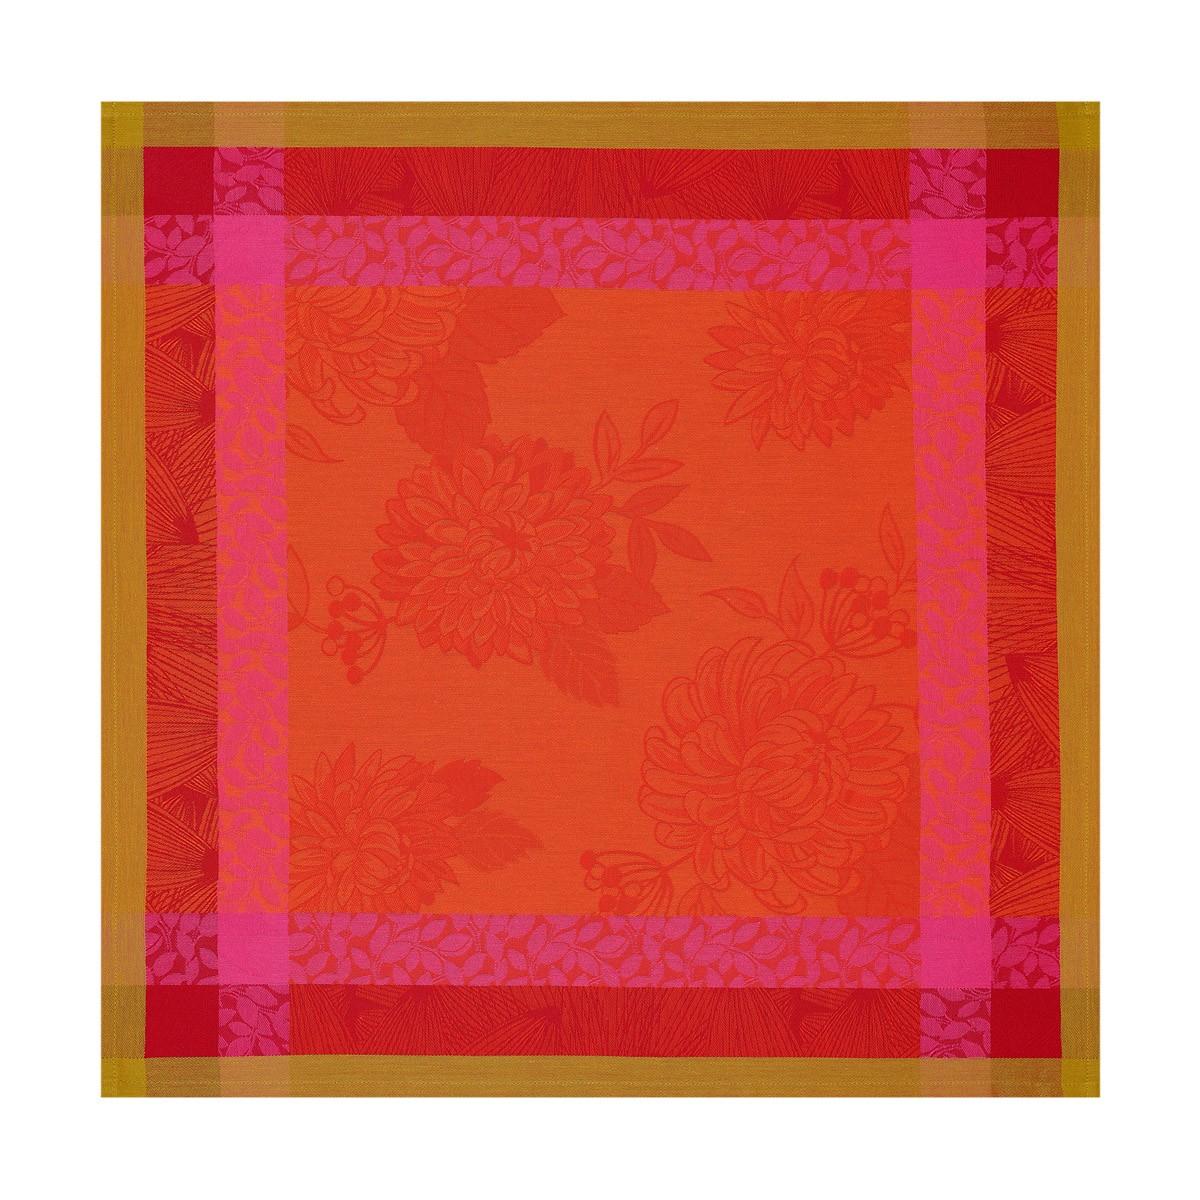 Serviette en coton capucine 58 x 58